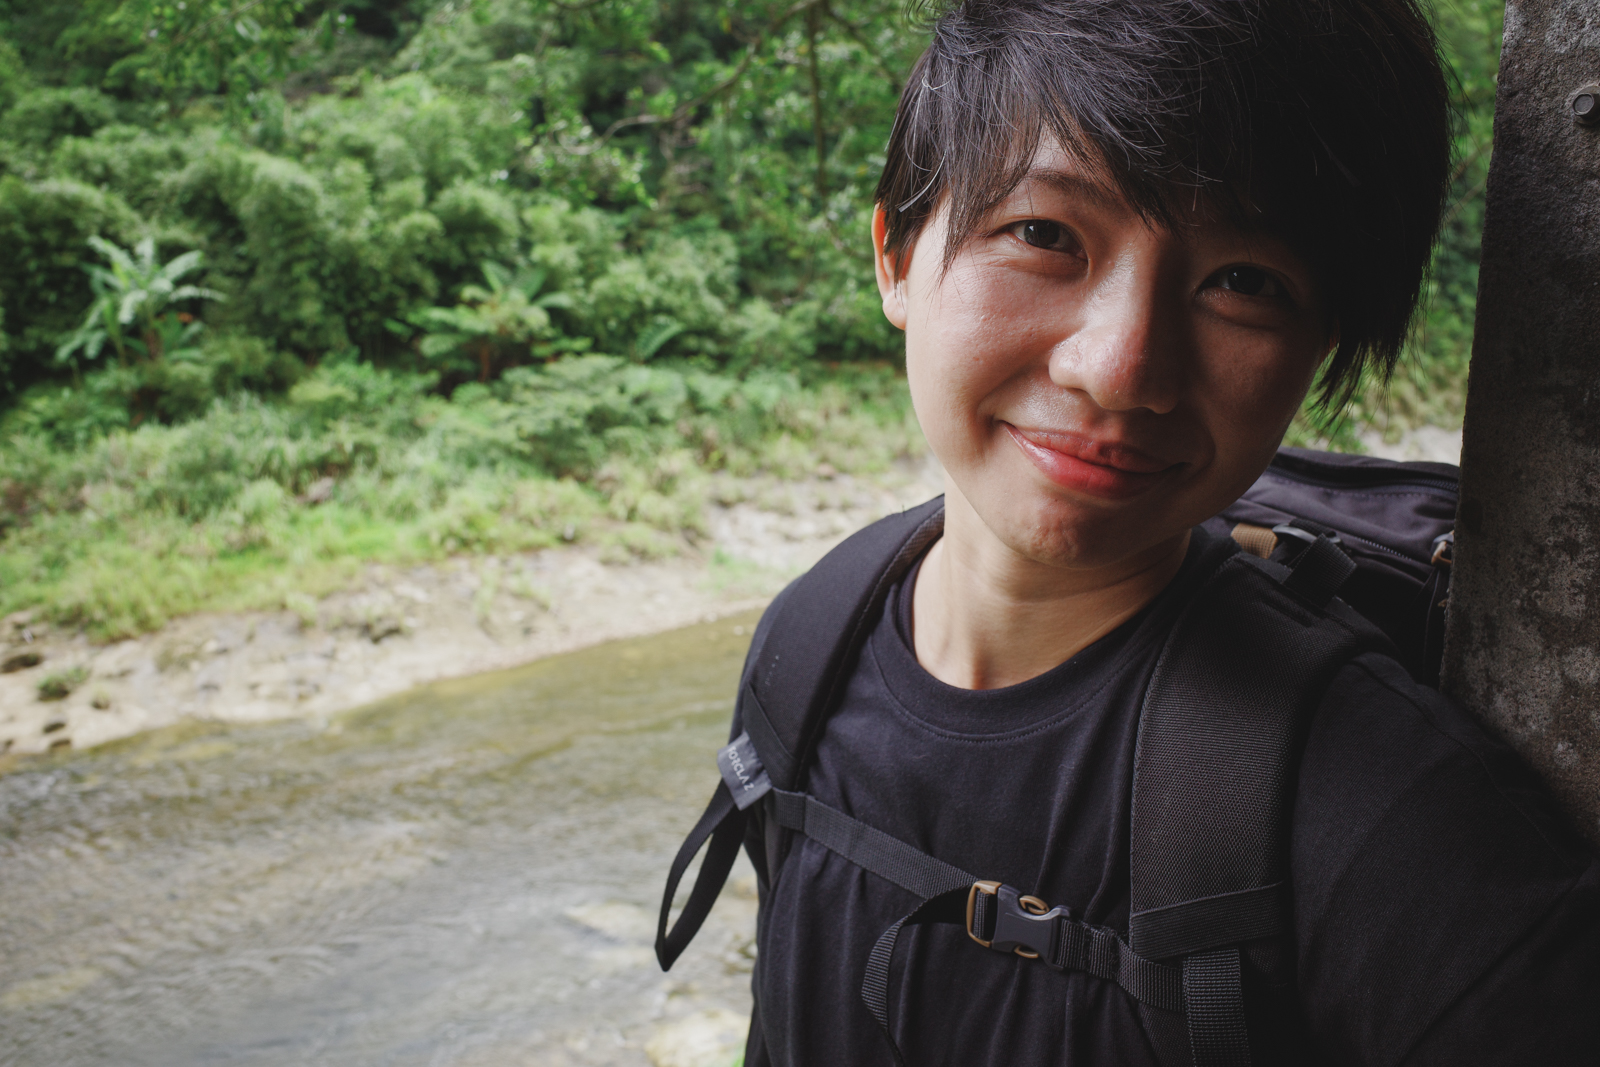 台北風景 · 三貂嶺 · 忘憂谷 〈 Ricoh GR III 登山系色調 FP100 〉